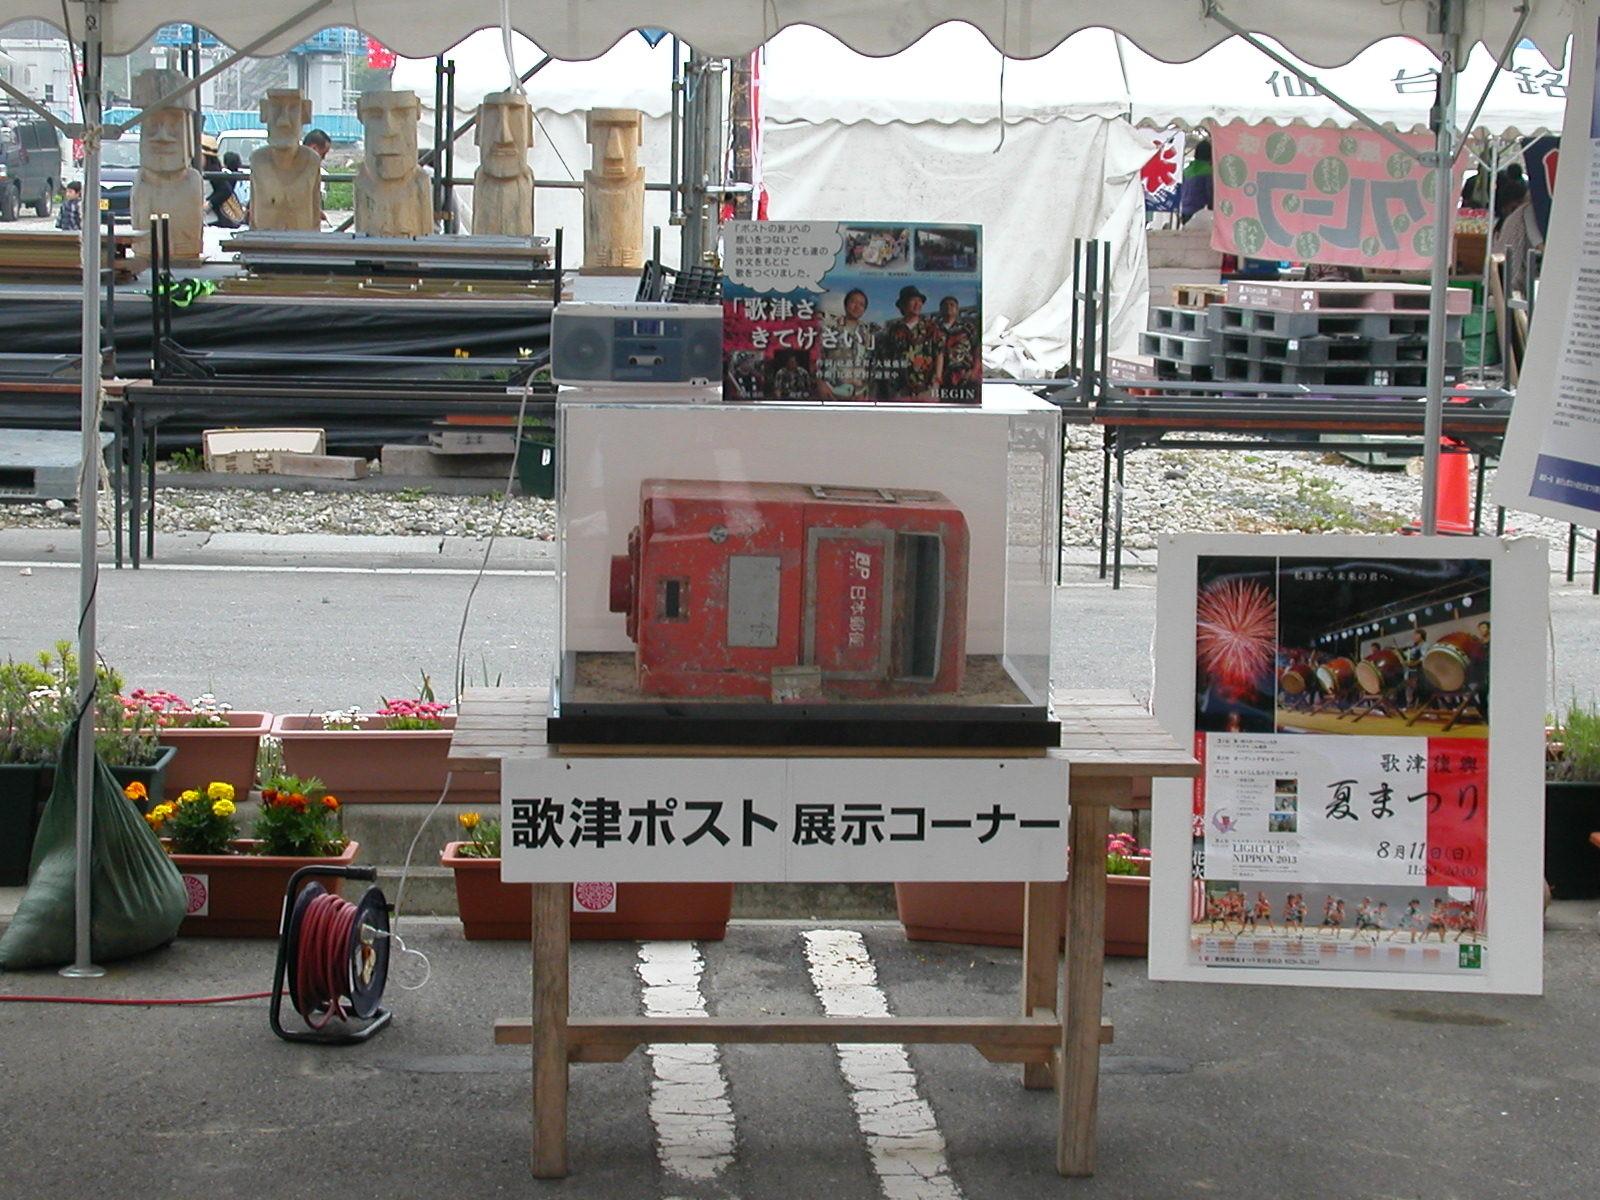 歌津ポストの展示